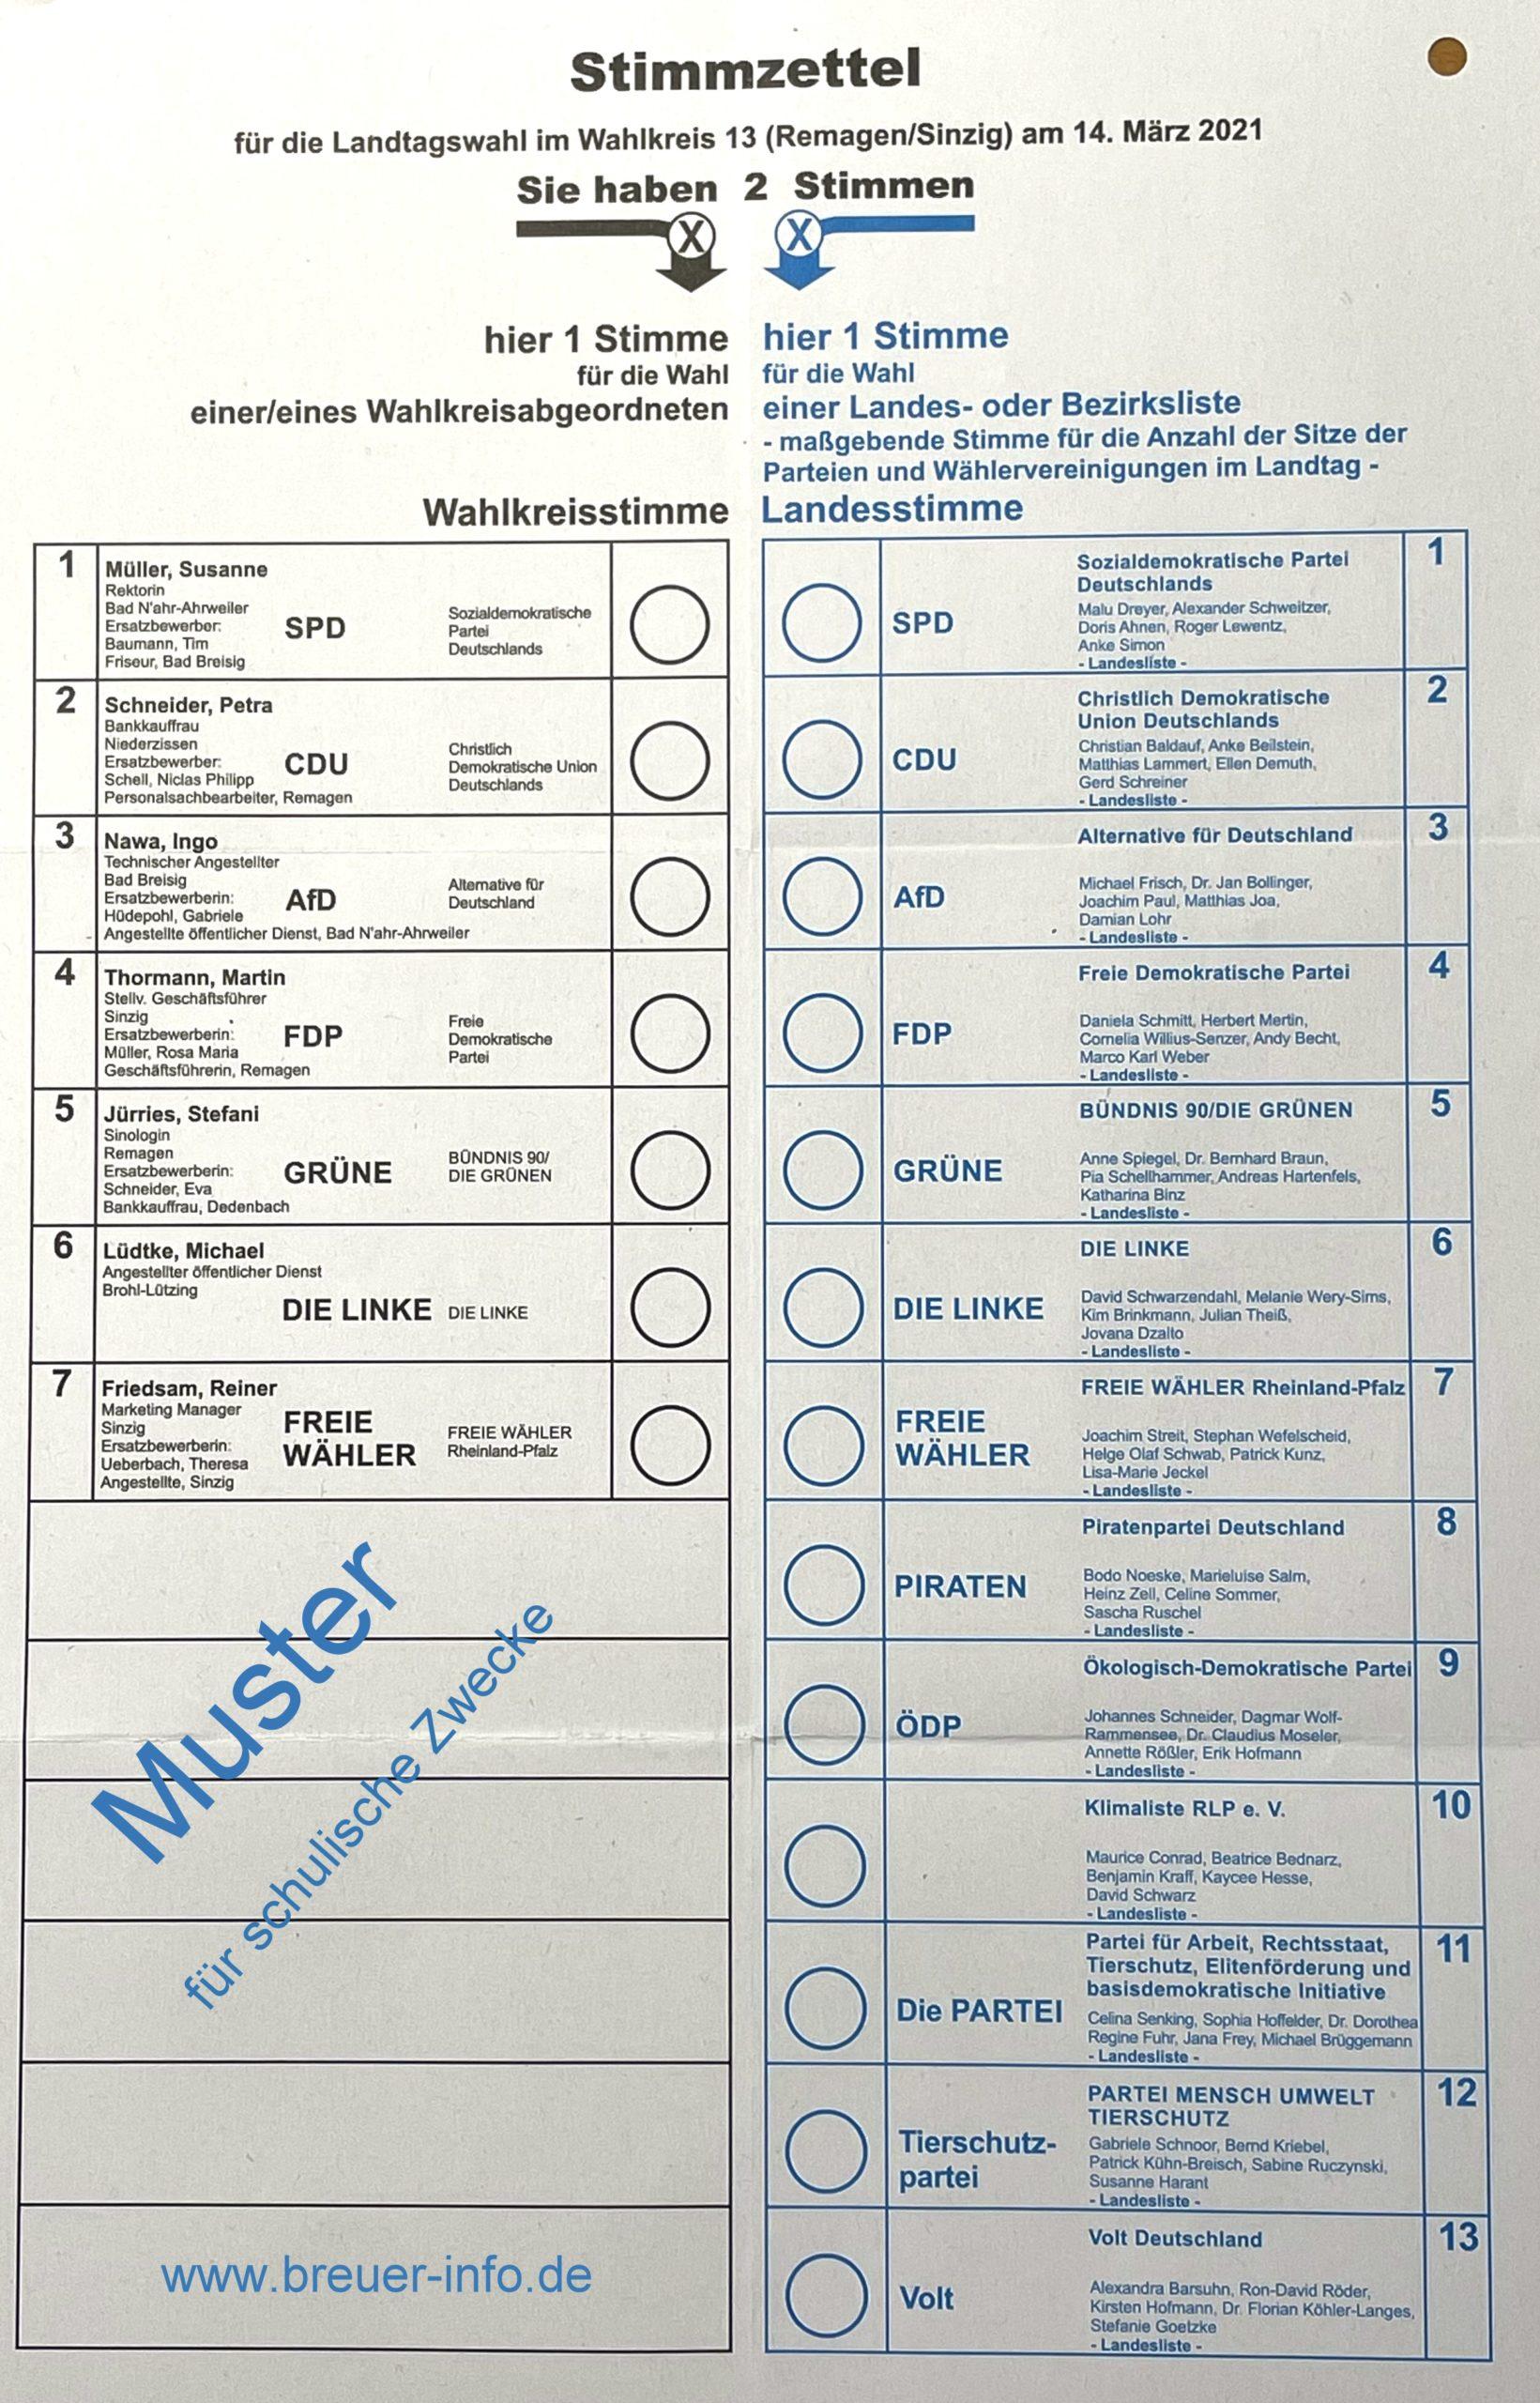 Stimmzettel zur Landtagswahl 2021 in Rheinland-Pfalz - Wahlkreis 13